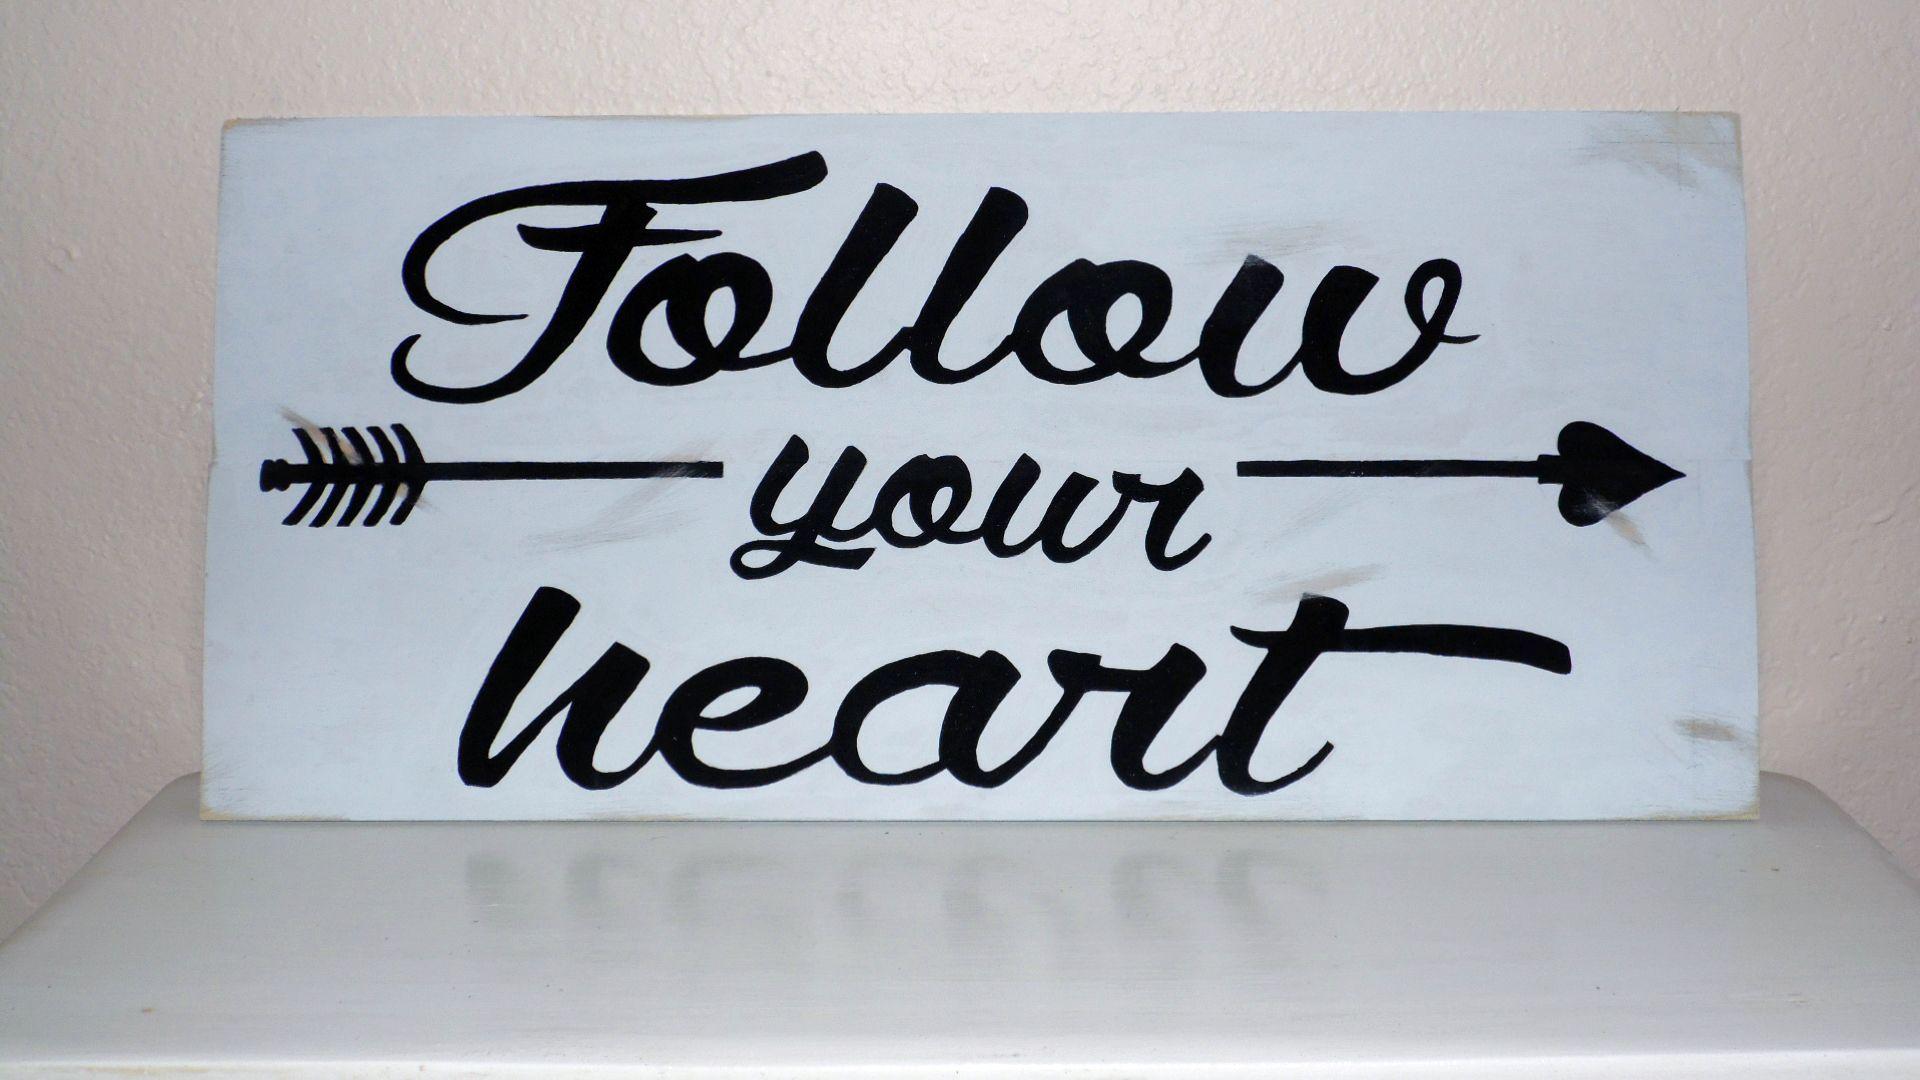 """""""Follow your heart"""" - Wood art 11"""" x 24"""""""